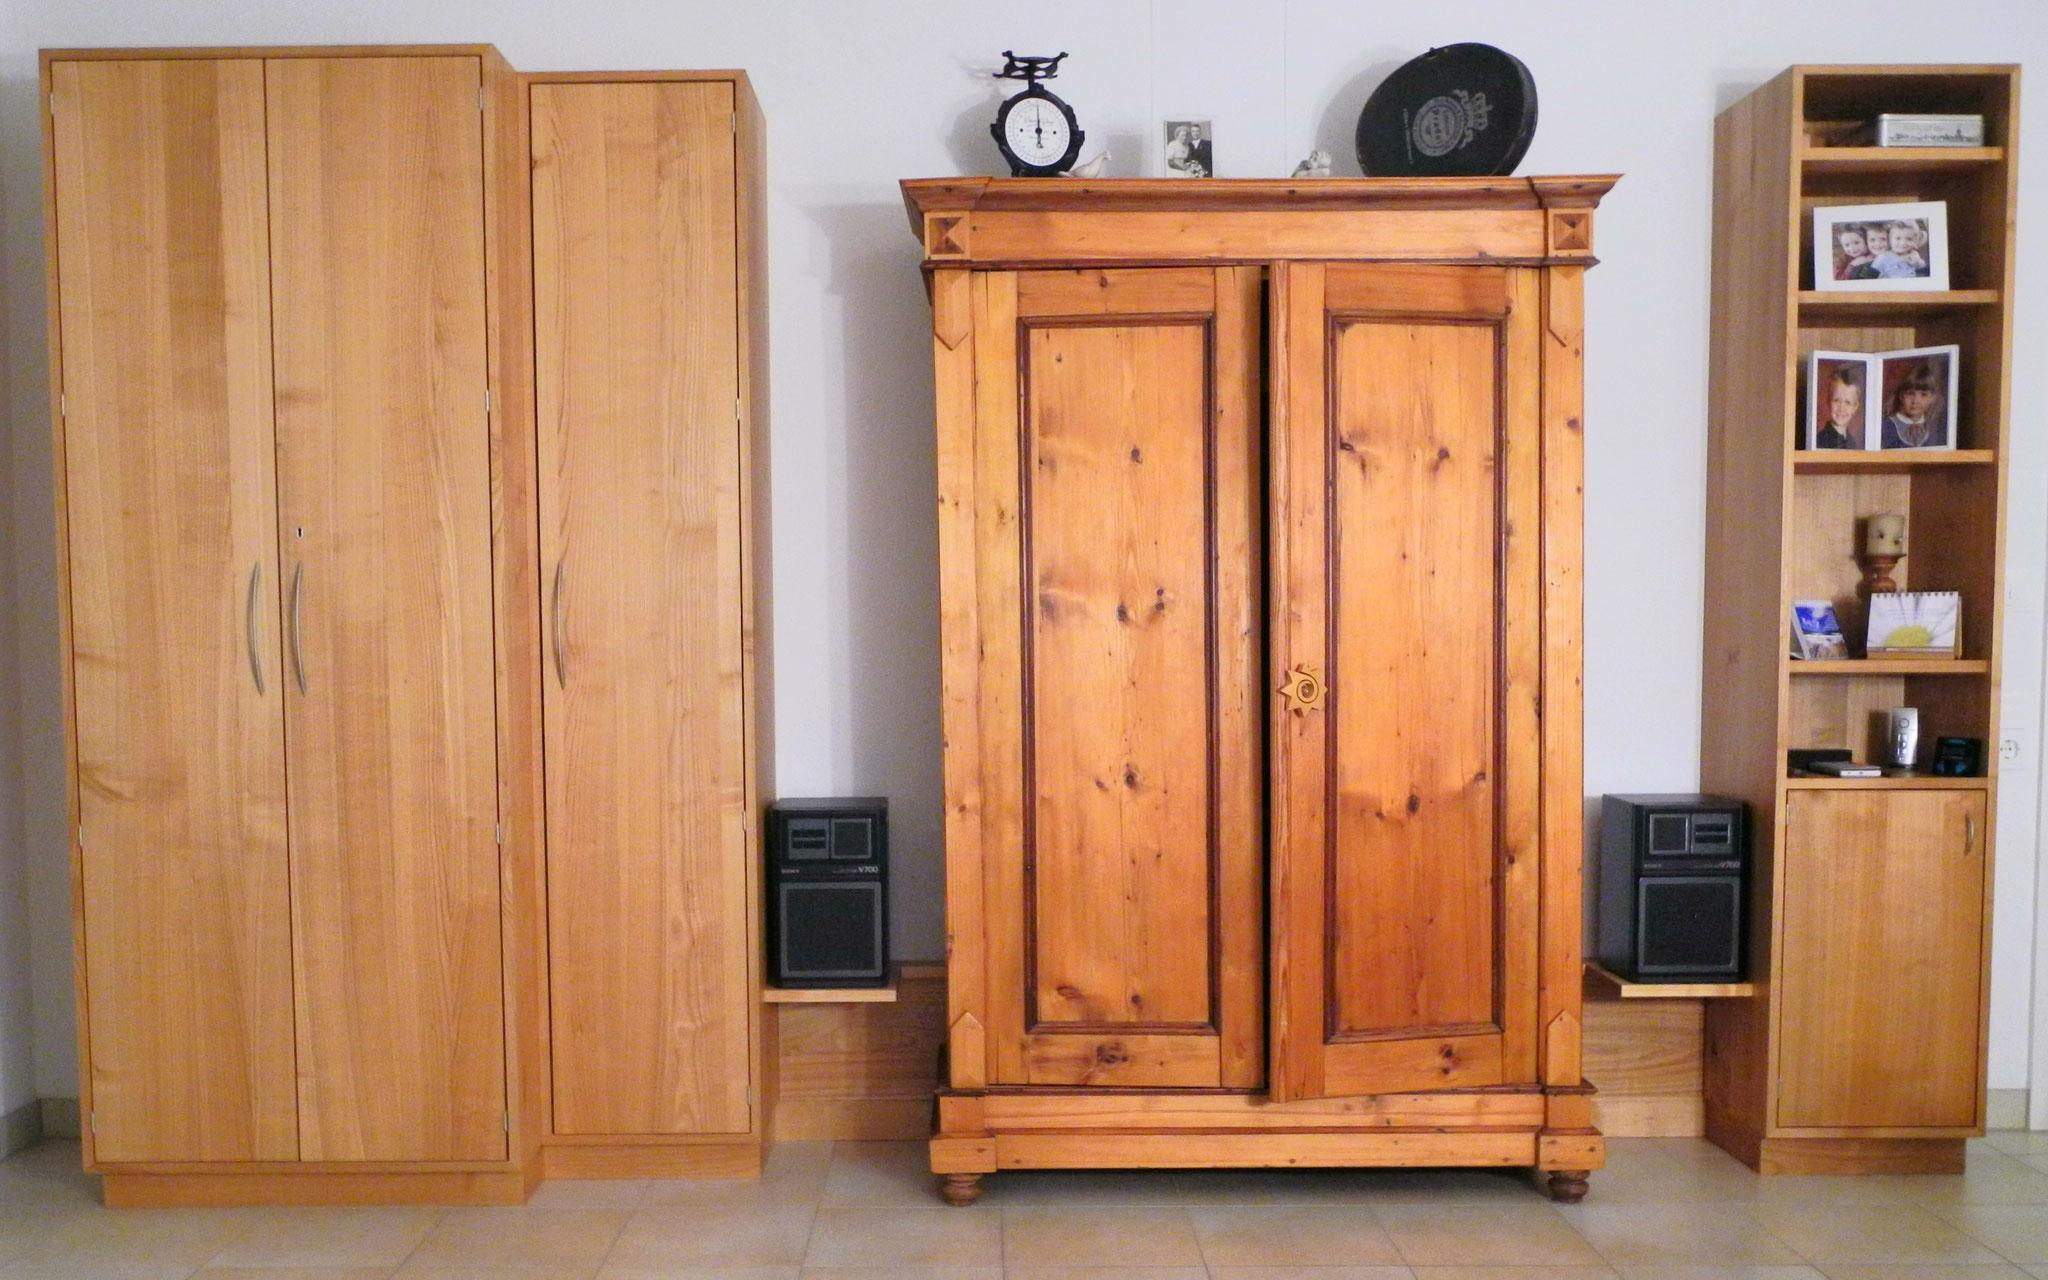 Wohnzimmerschränke als Stauraum mit HomeOffice im linken zweiflügligen Schrank, Kirschbaum massiv